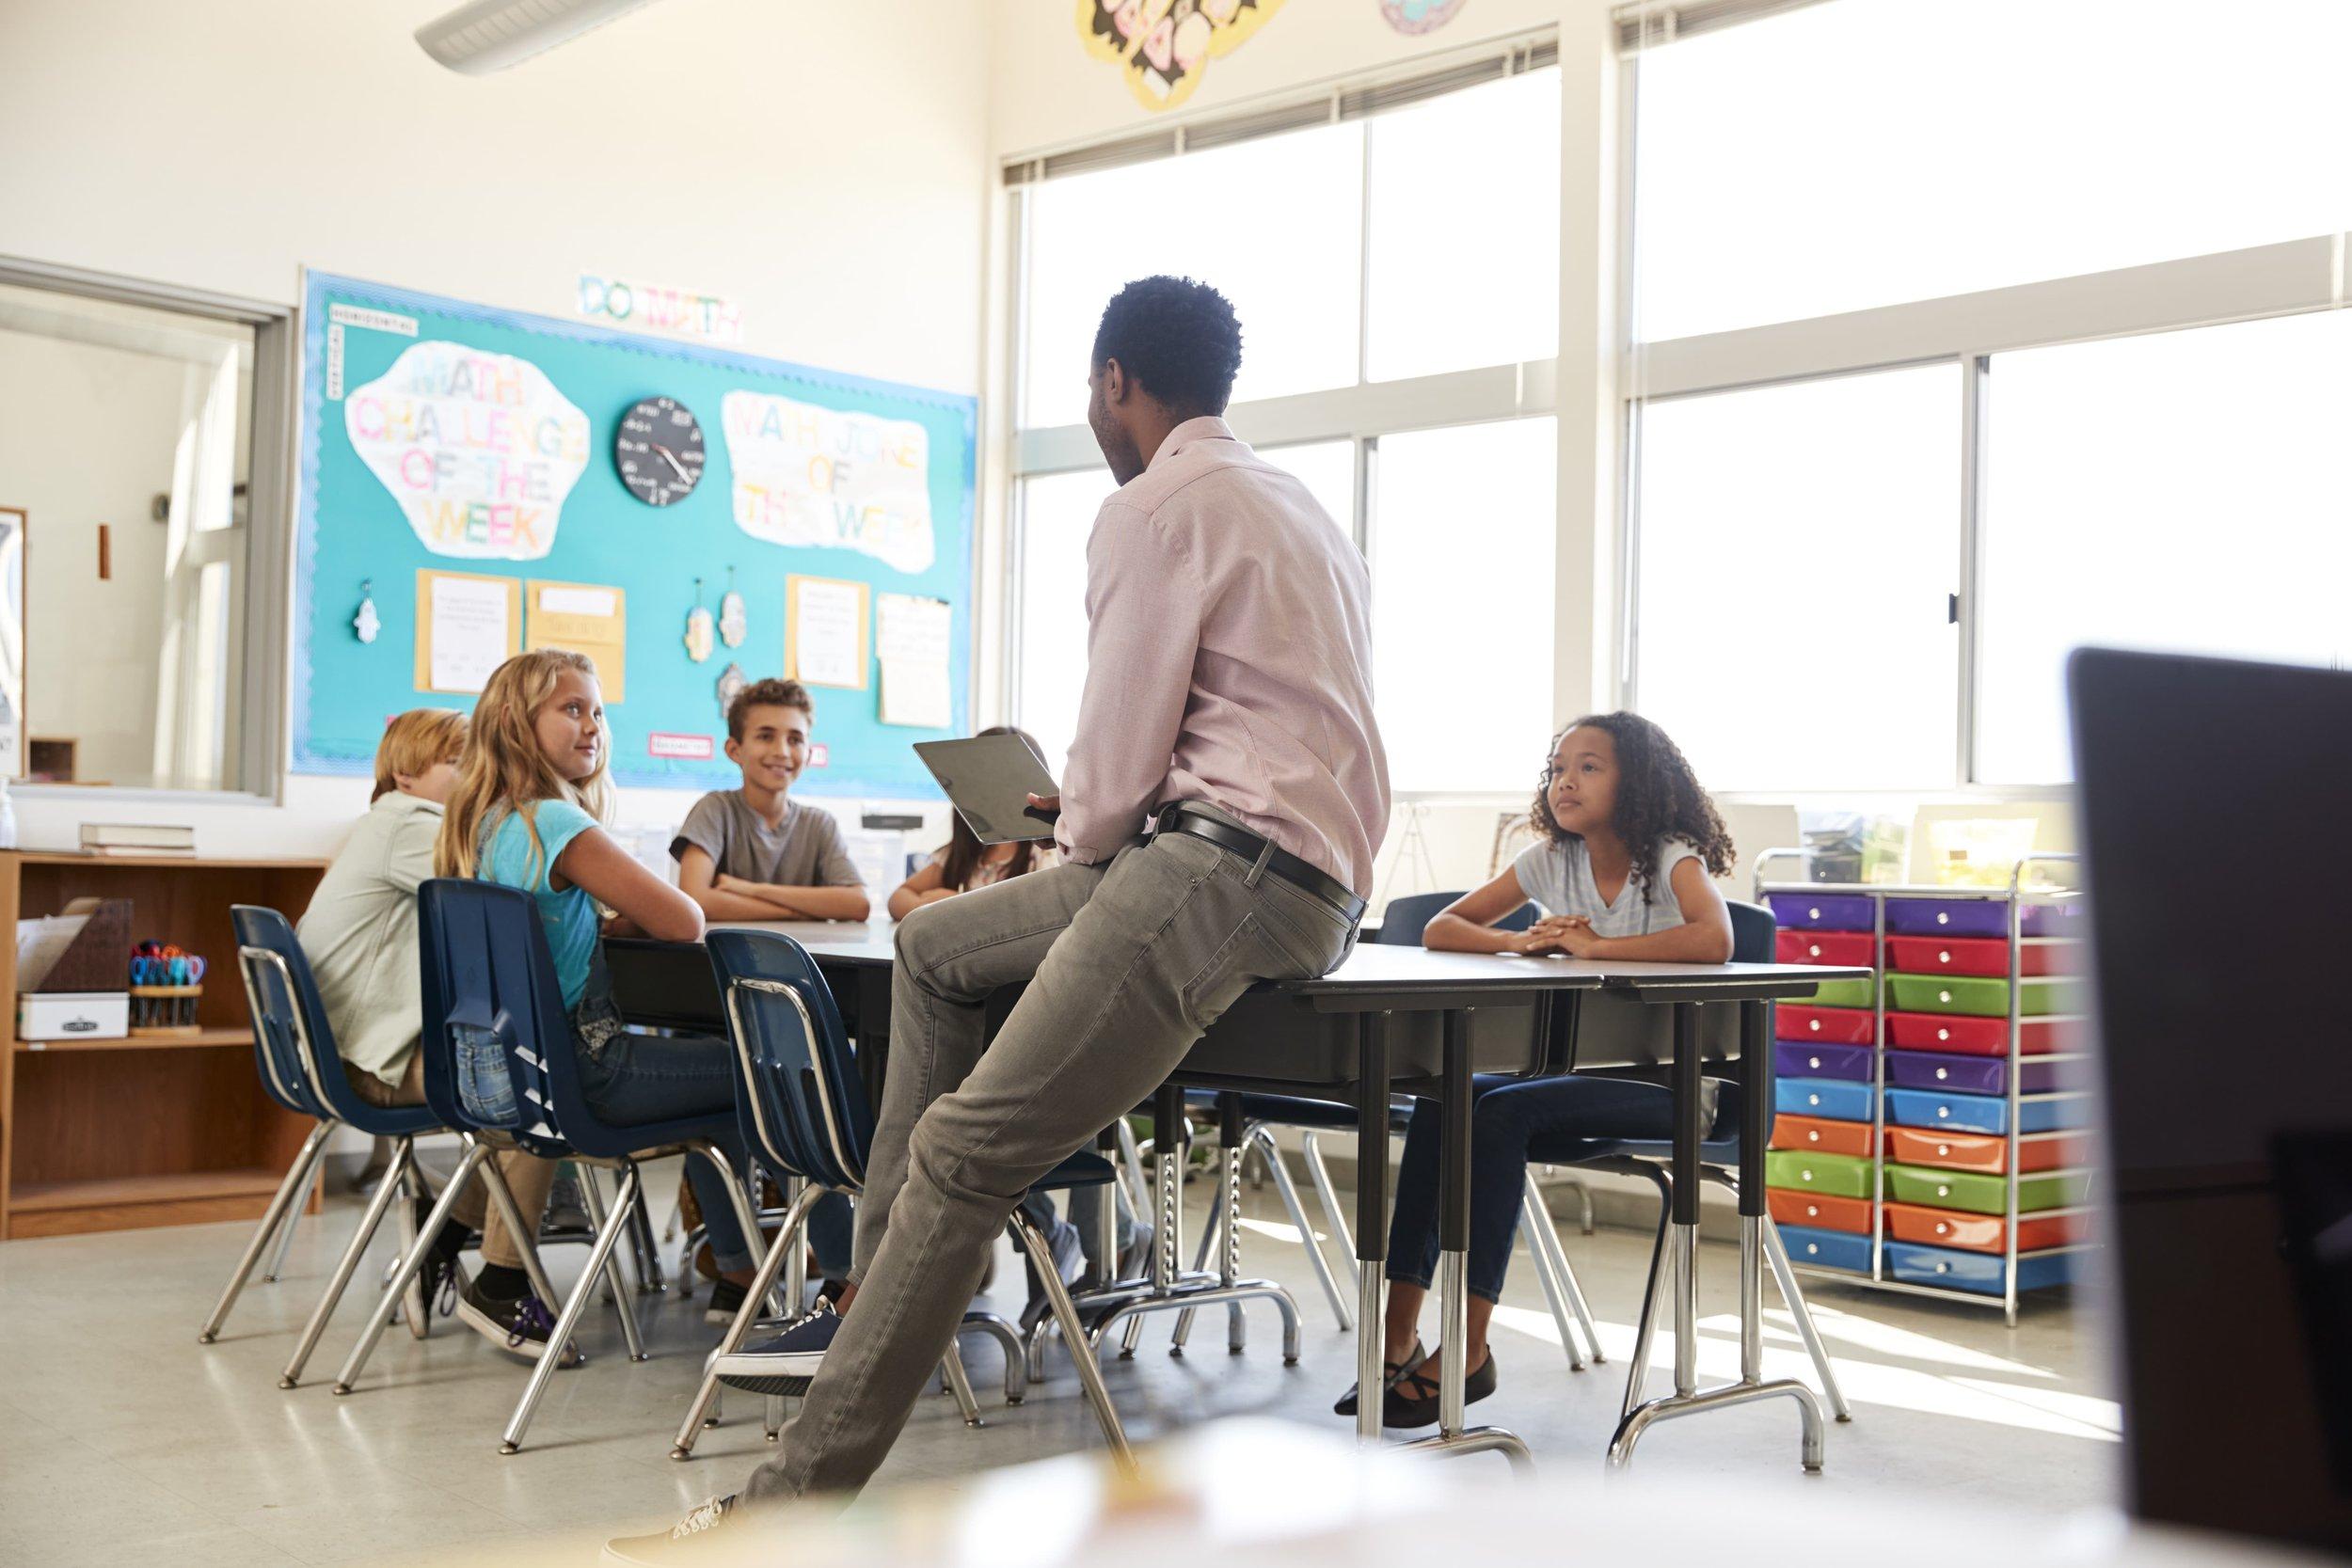 male-teacher-with-elementary-school-kids-in-7YBX4JM-min.jpg